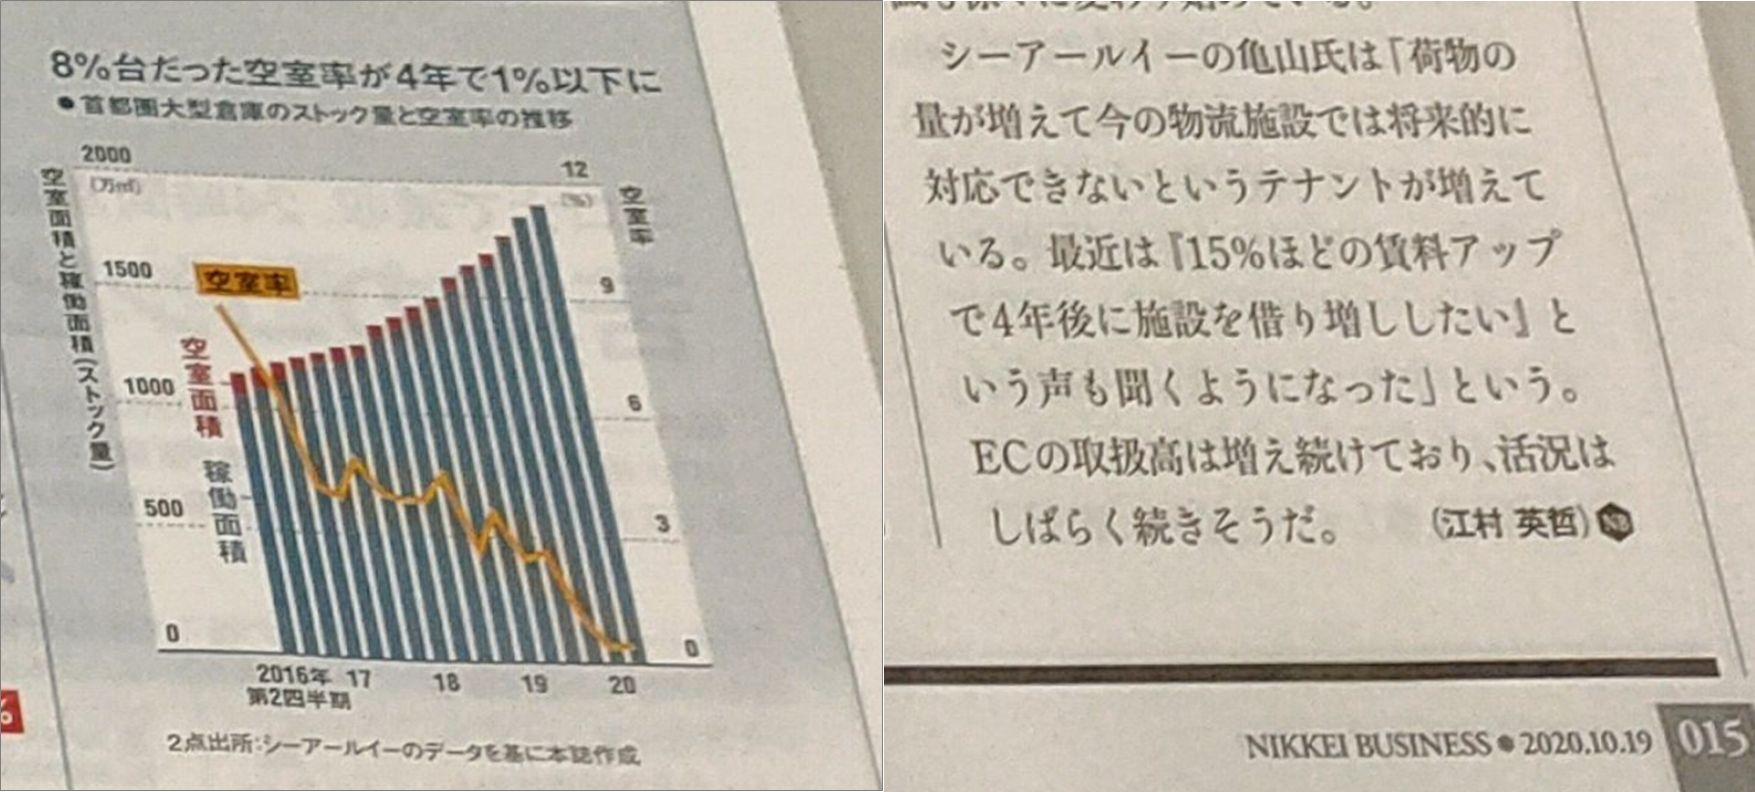 日経ビジネスシーアールイー